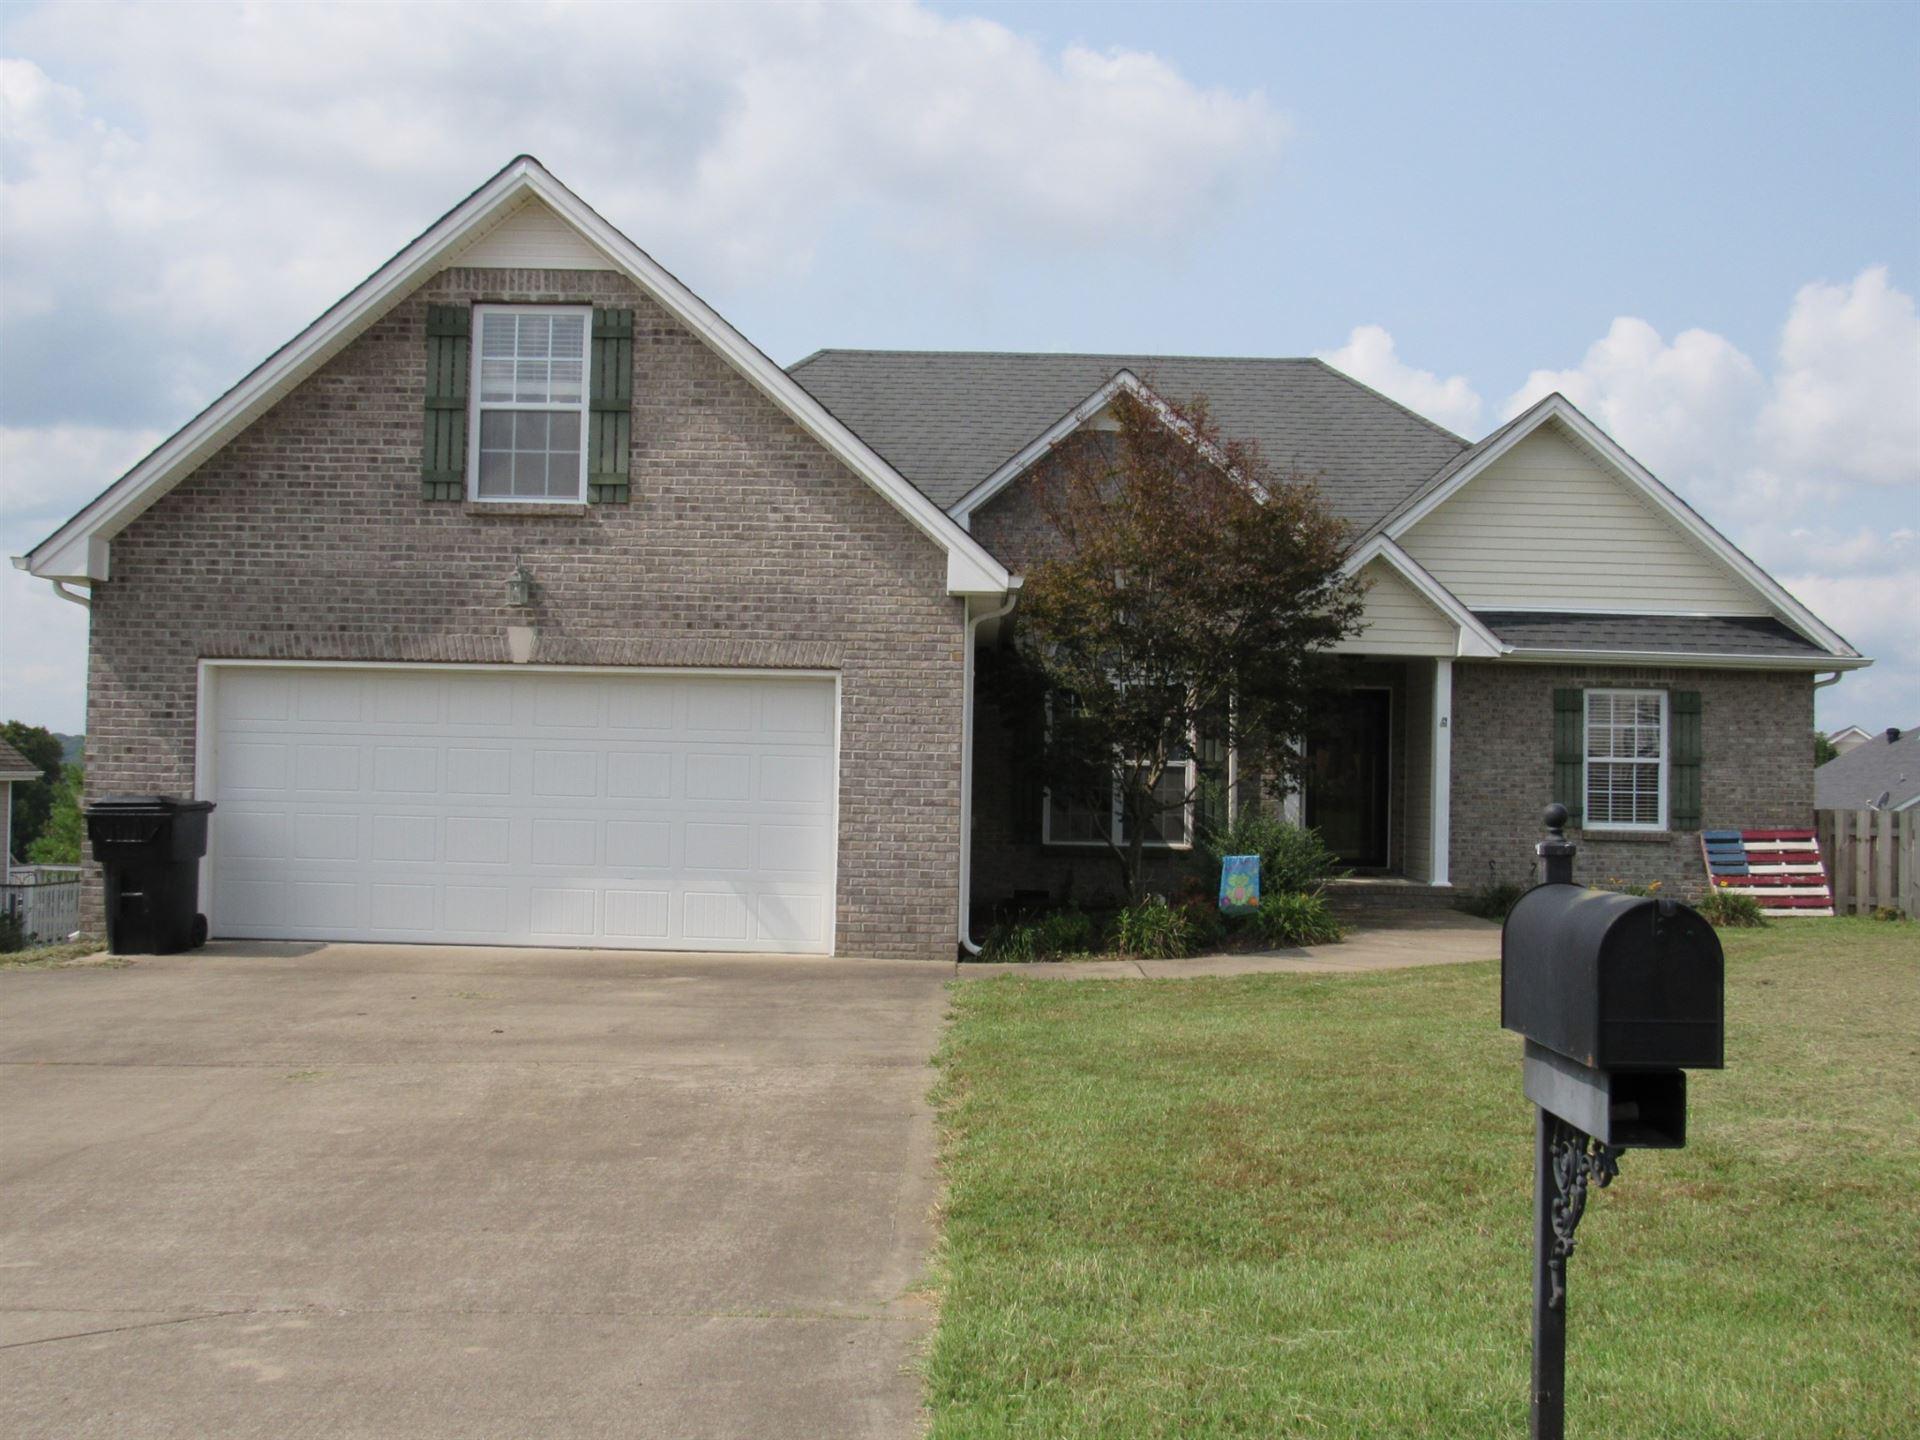 1396 Borrowdale Dr, Clarksville, TN 37040 - MLS#: 2191093